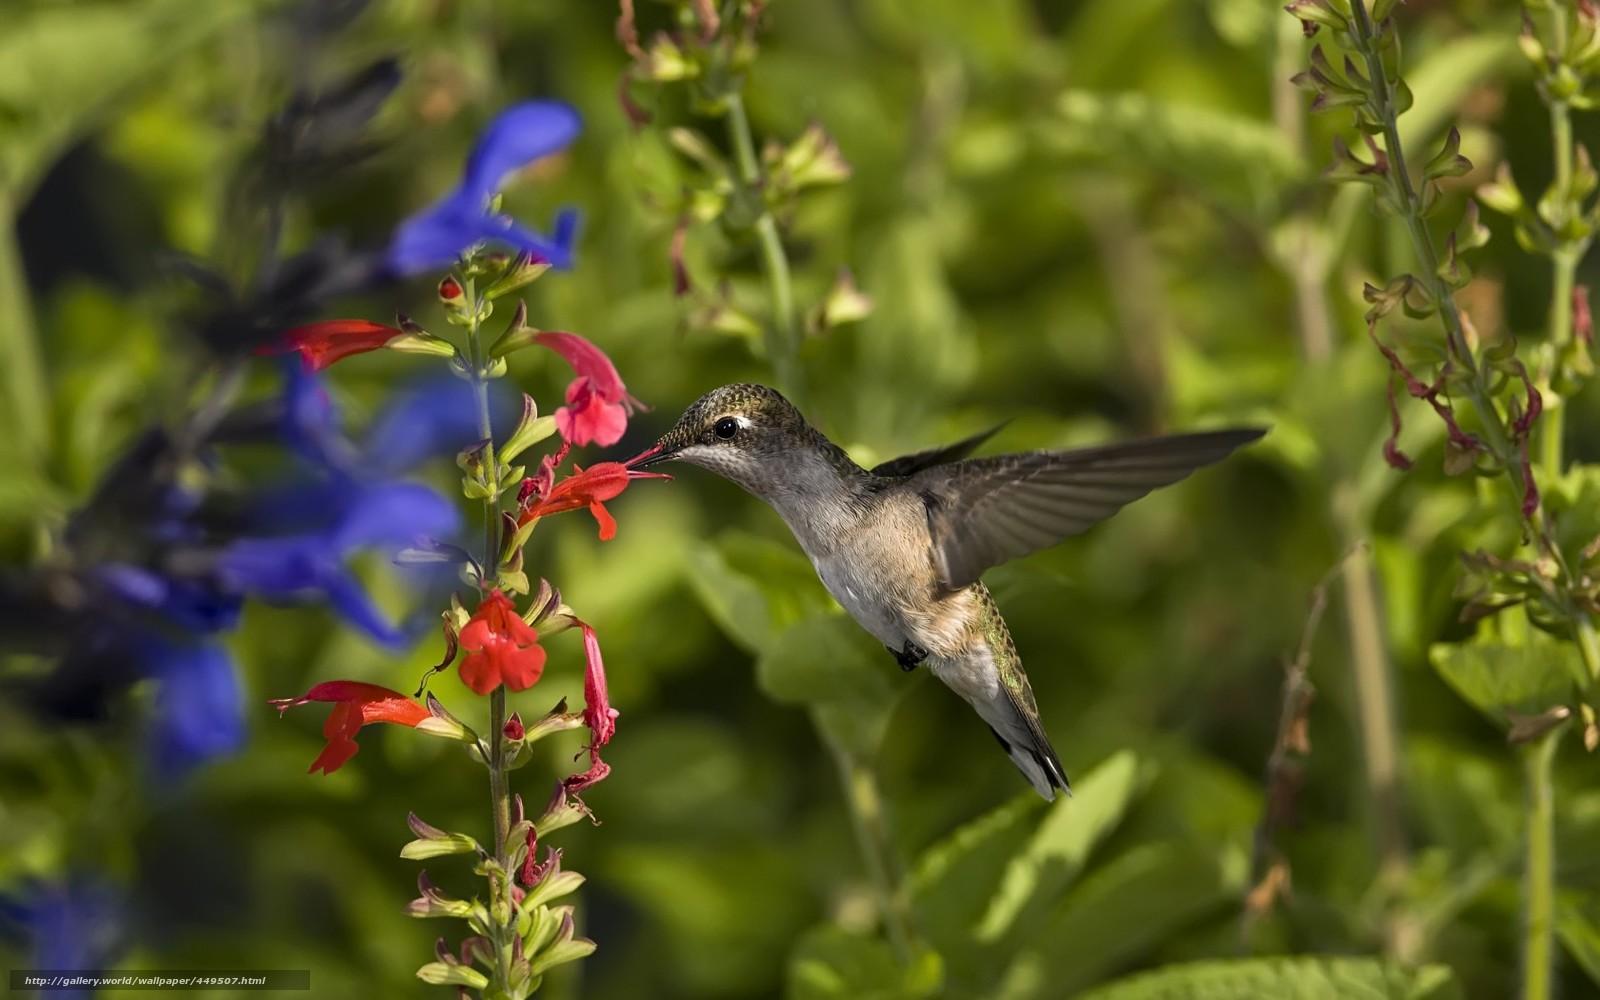 Скачать обои птица,  колибри,  зелень,  цветы бесплатно для рабочего стола в разрешении 1680x1050 — картинка №449507